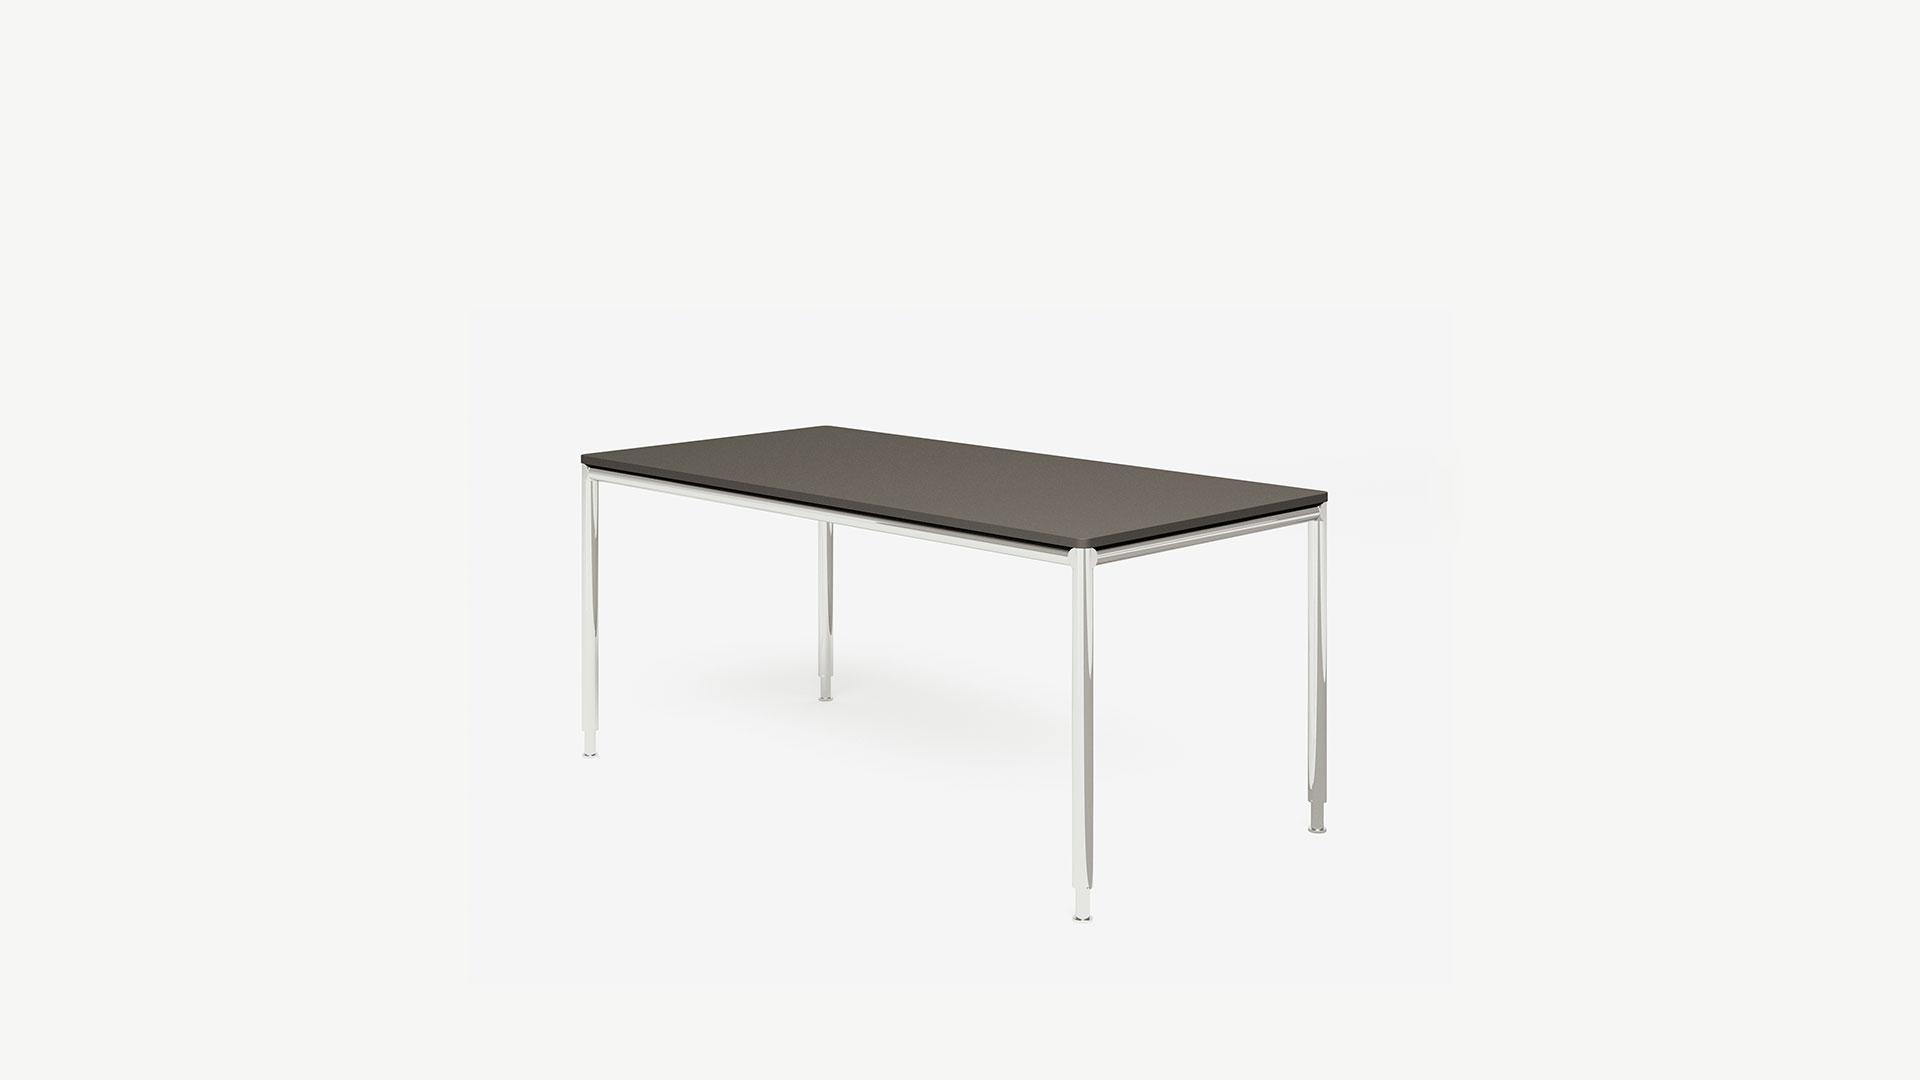 Arbeitstisch Systemtisch (160 x 80 cm) - BOSSE